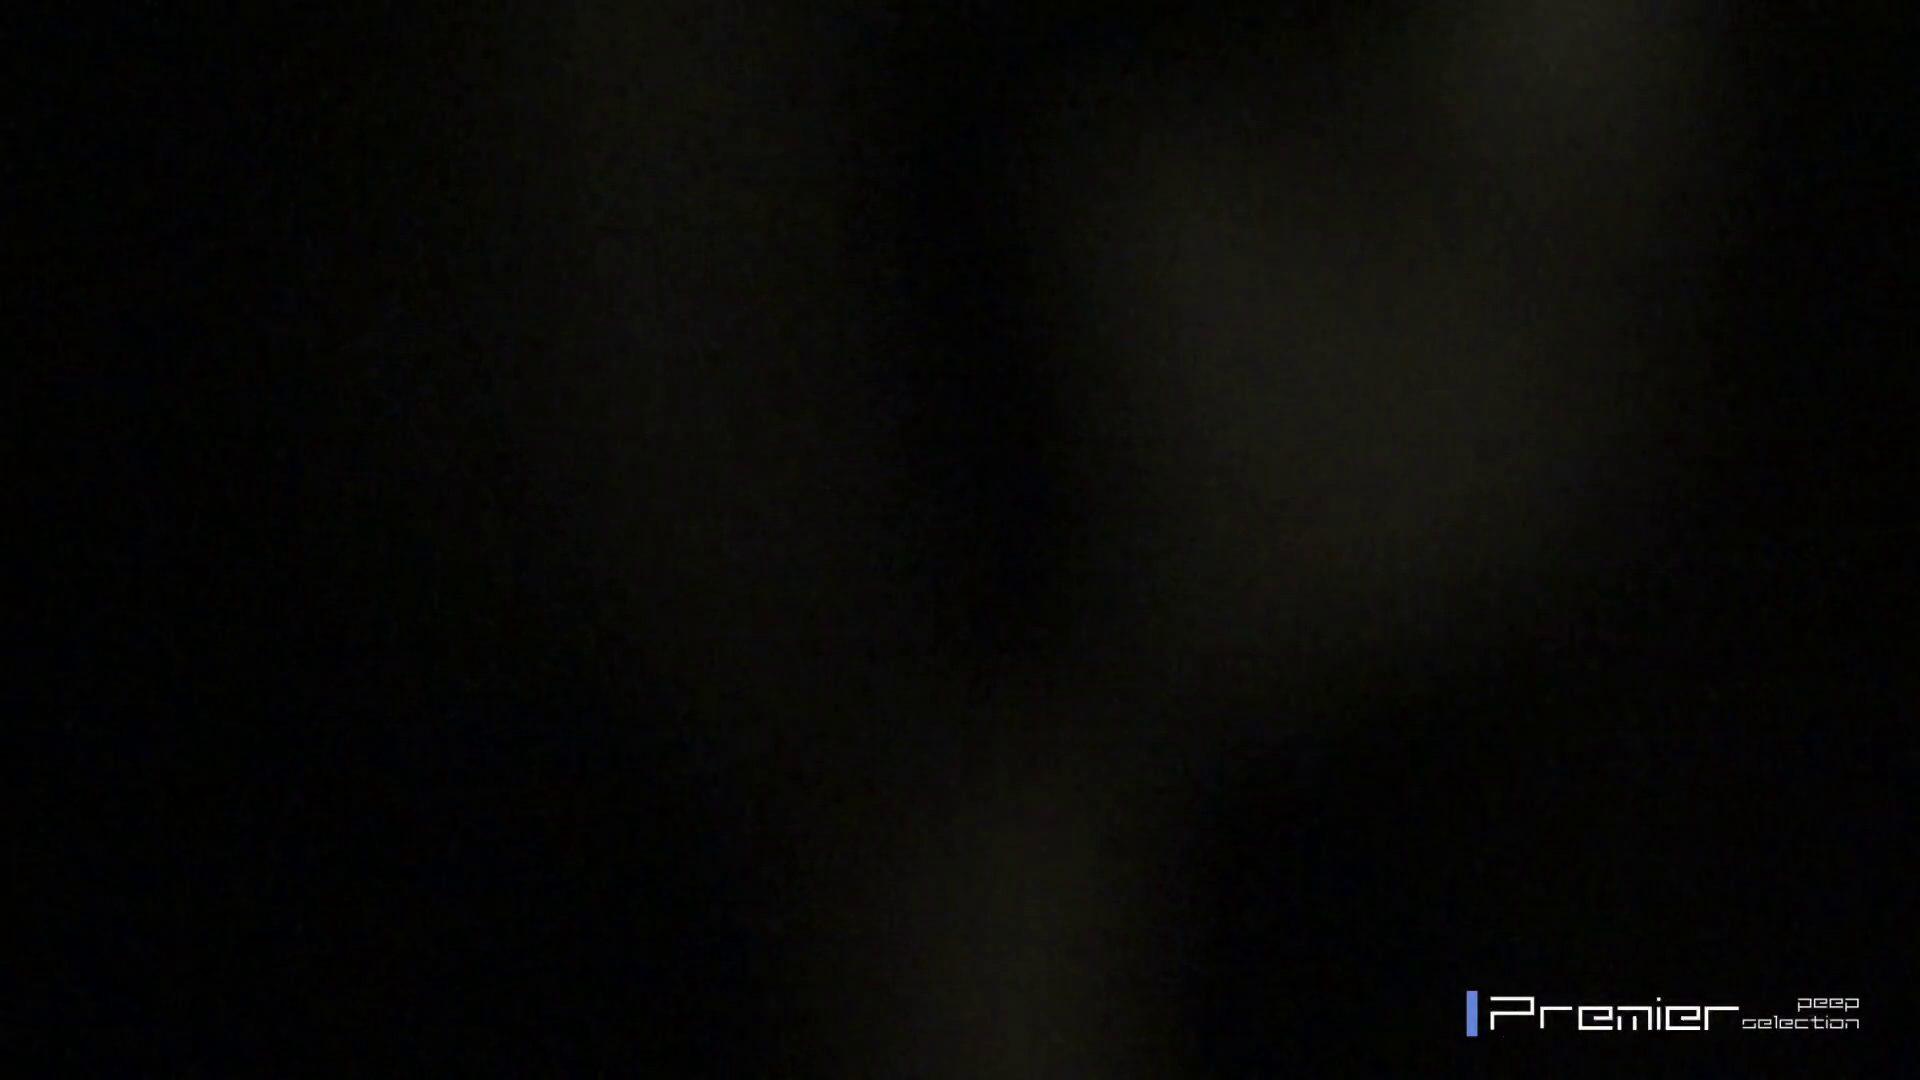 マニア必見!ポチャ達のカーニバル美女達の私生活に潜入! エッチすぎる美女 覗きおまんこ画像 96連発 34